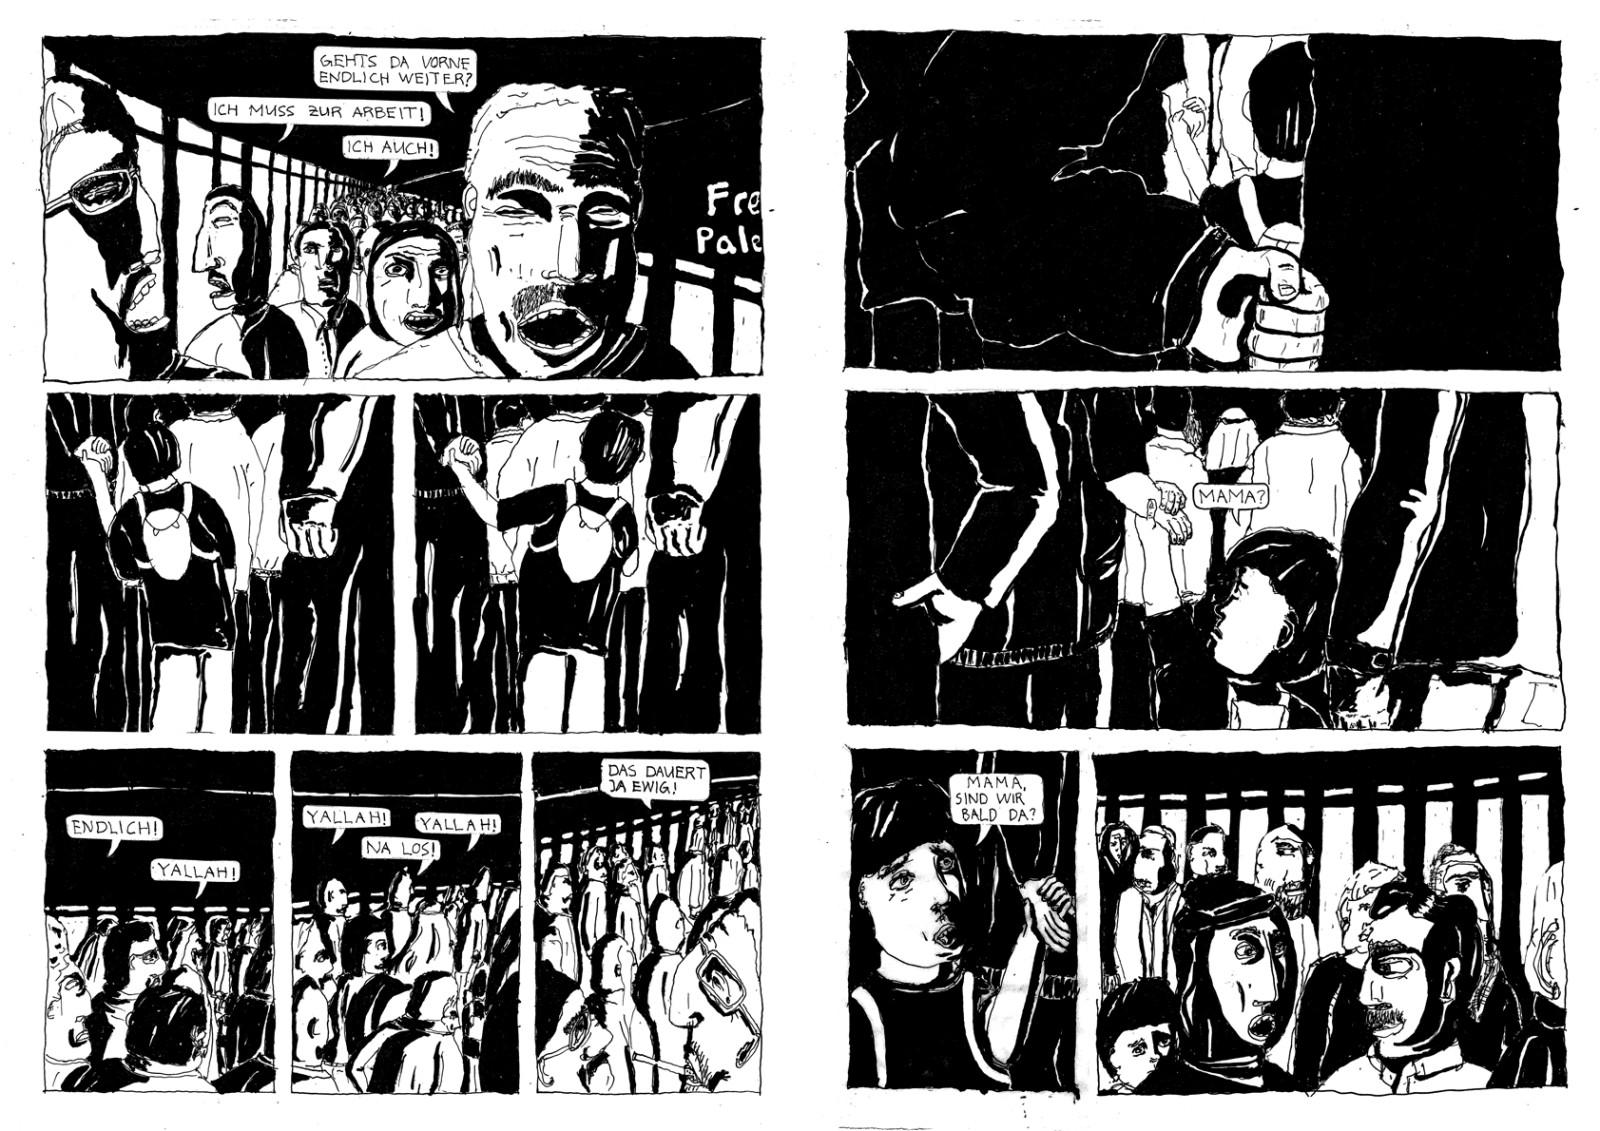 Seite 2 und 3